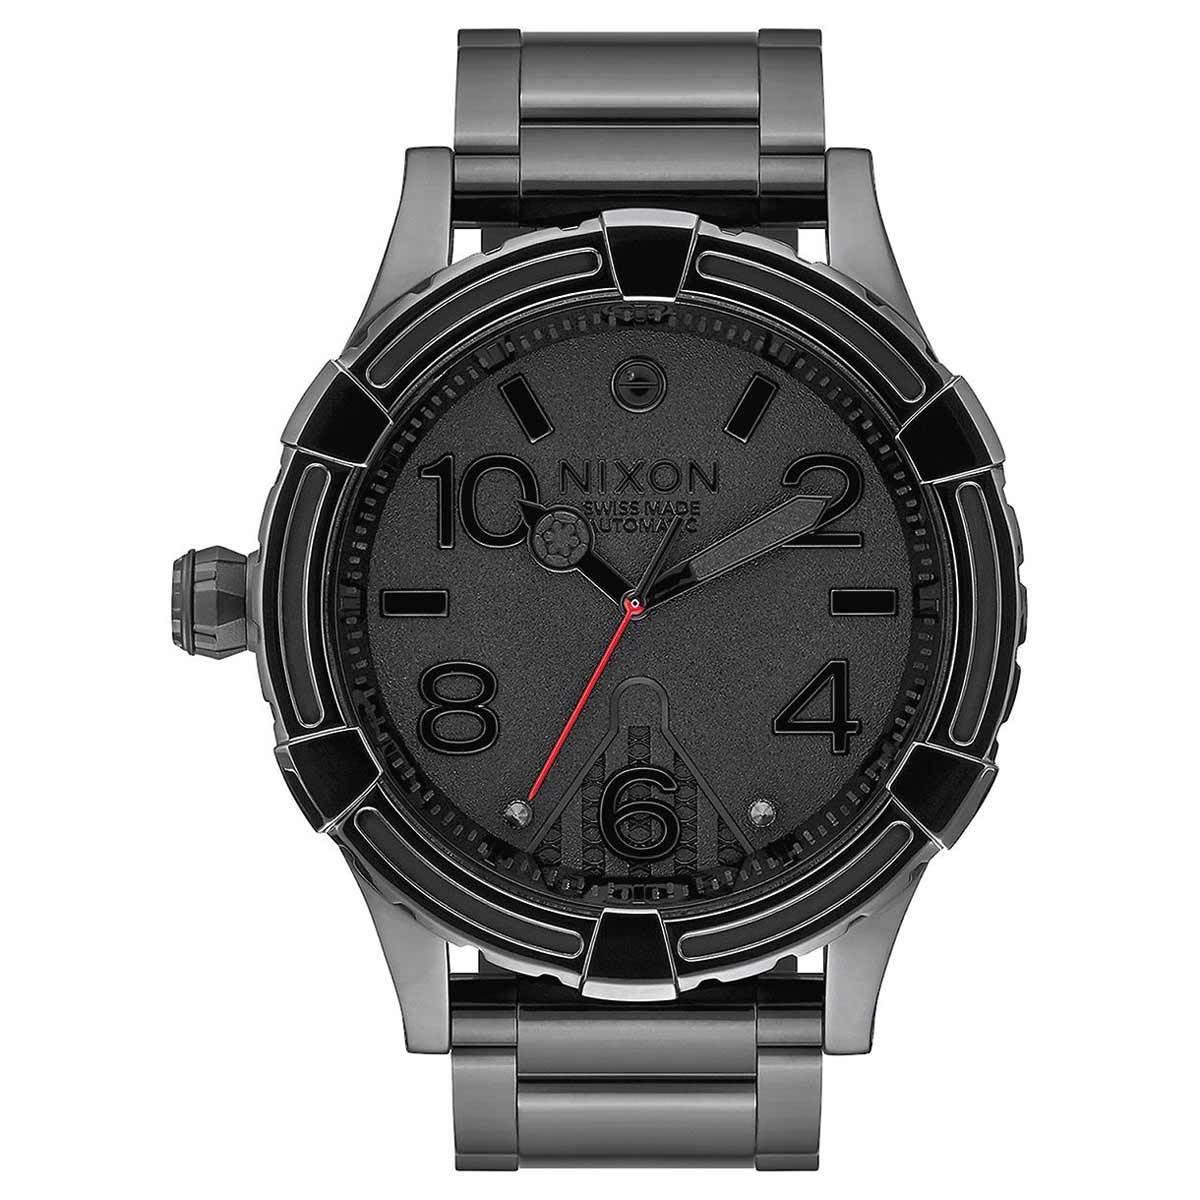 Nixon ニクソン A171SW2244 腕時計 51-30 メンズ 自動巻き オートマチック ブラック チタニウムL